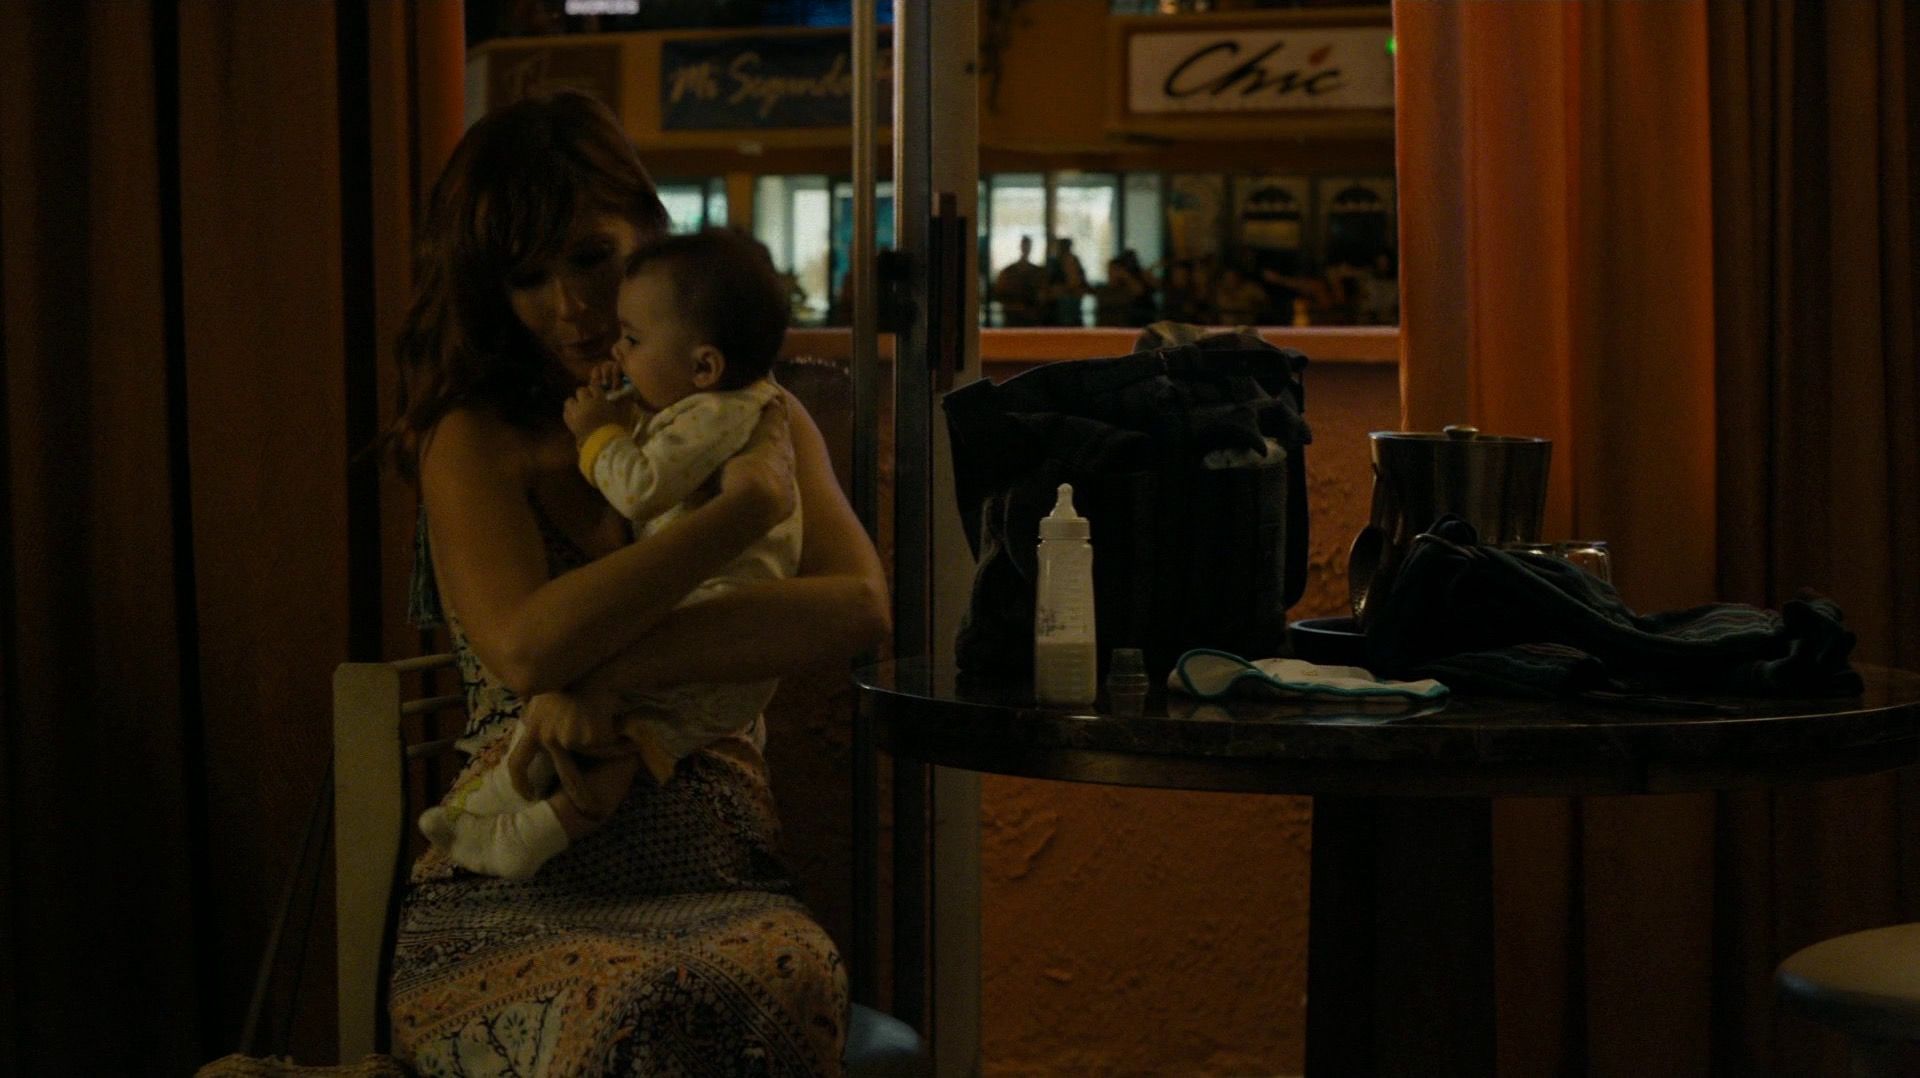 Jordan Semyon and a baby